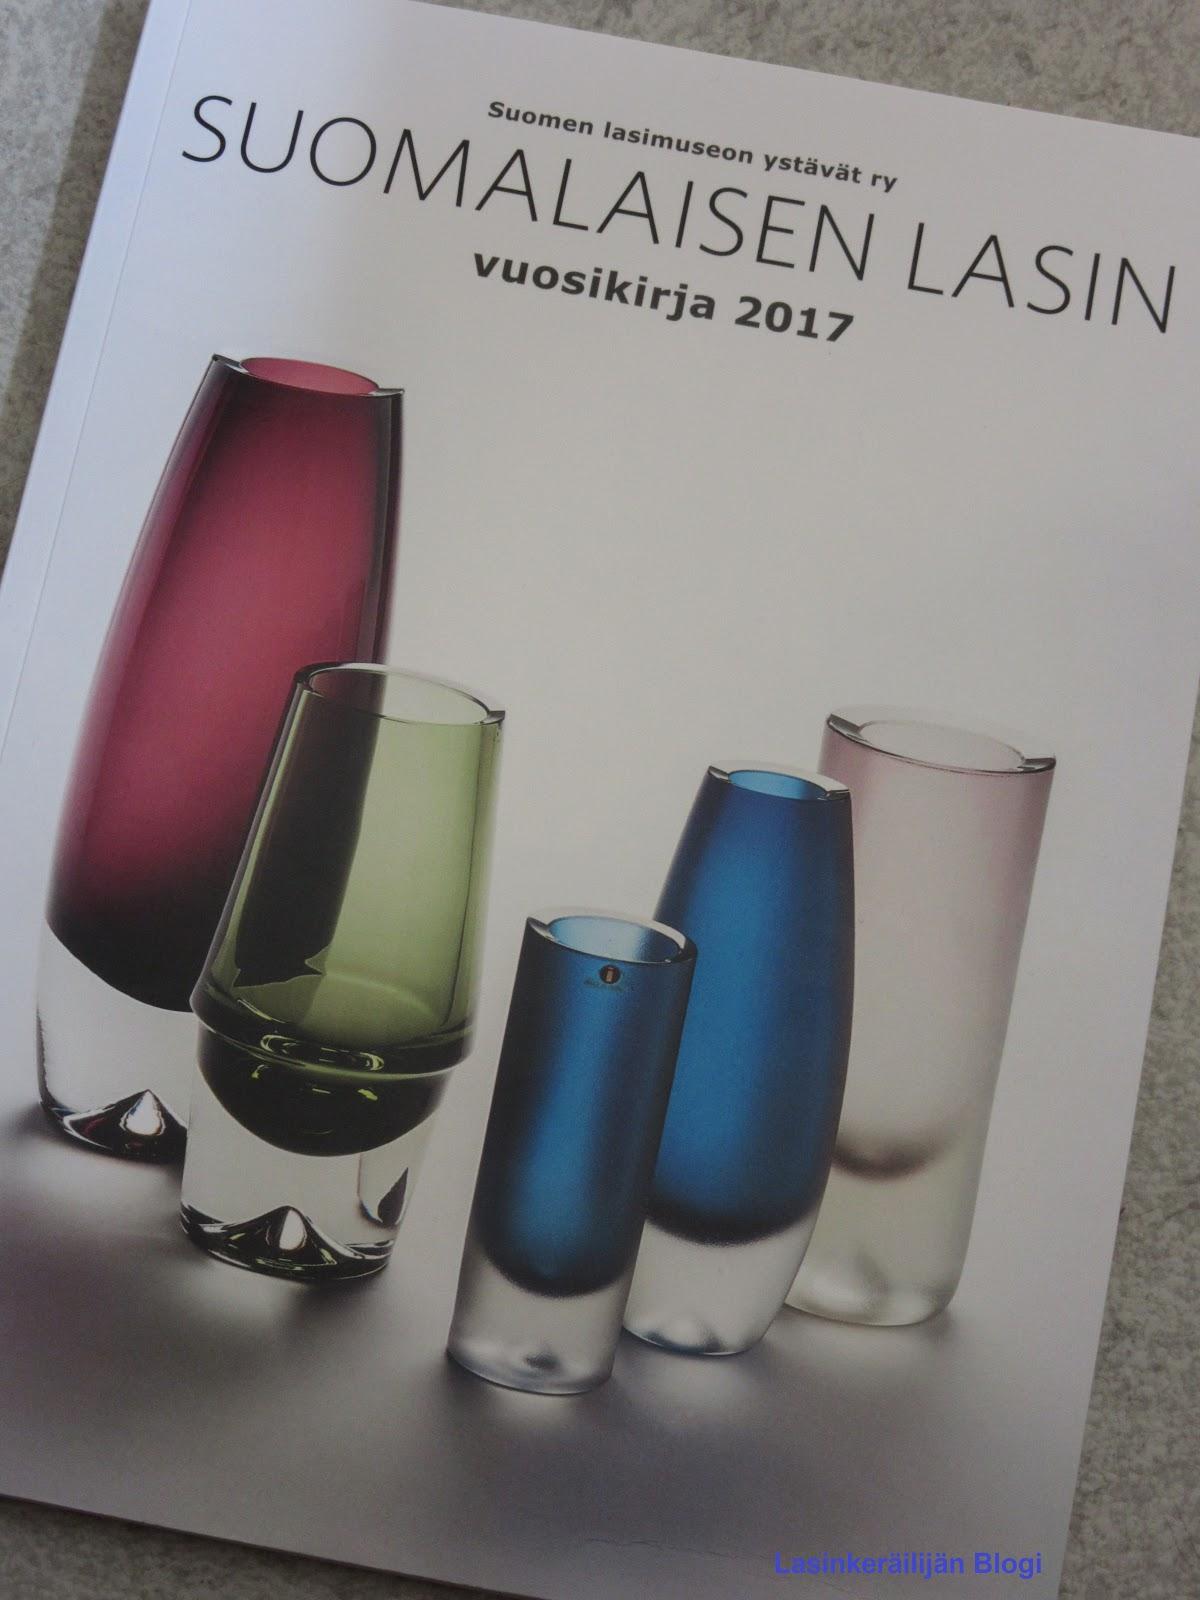 Lasinkeräilijän Blogi Suomalaisen lasin vuosikirja 2017